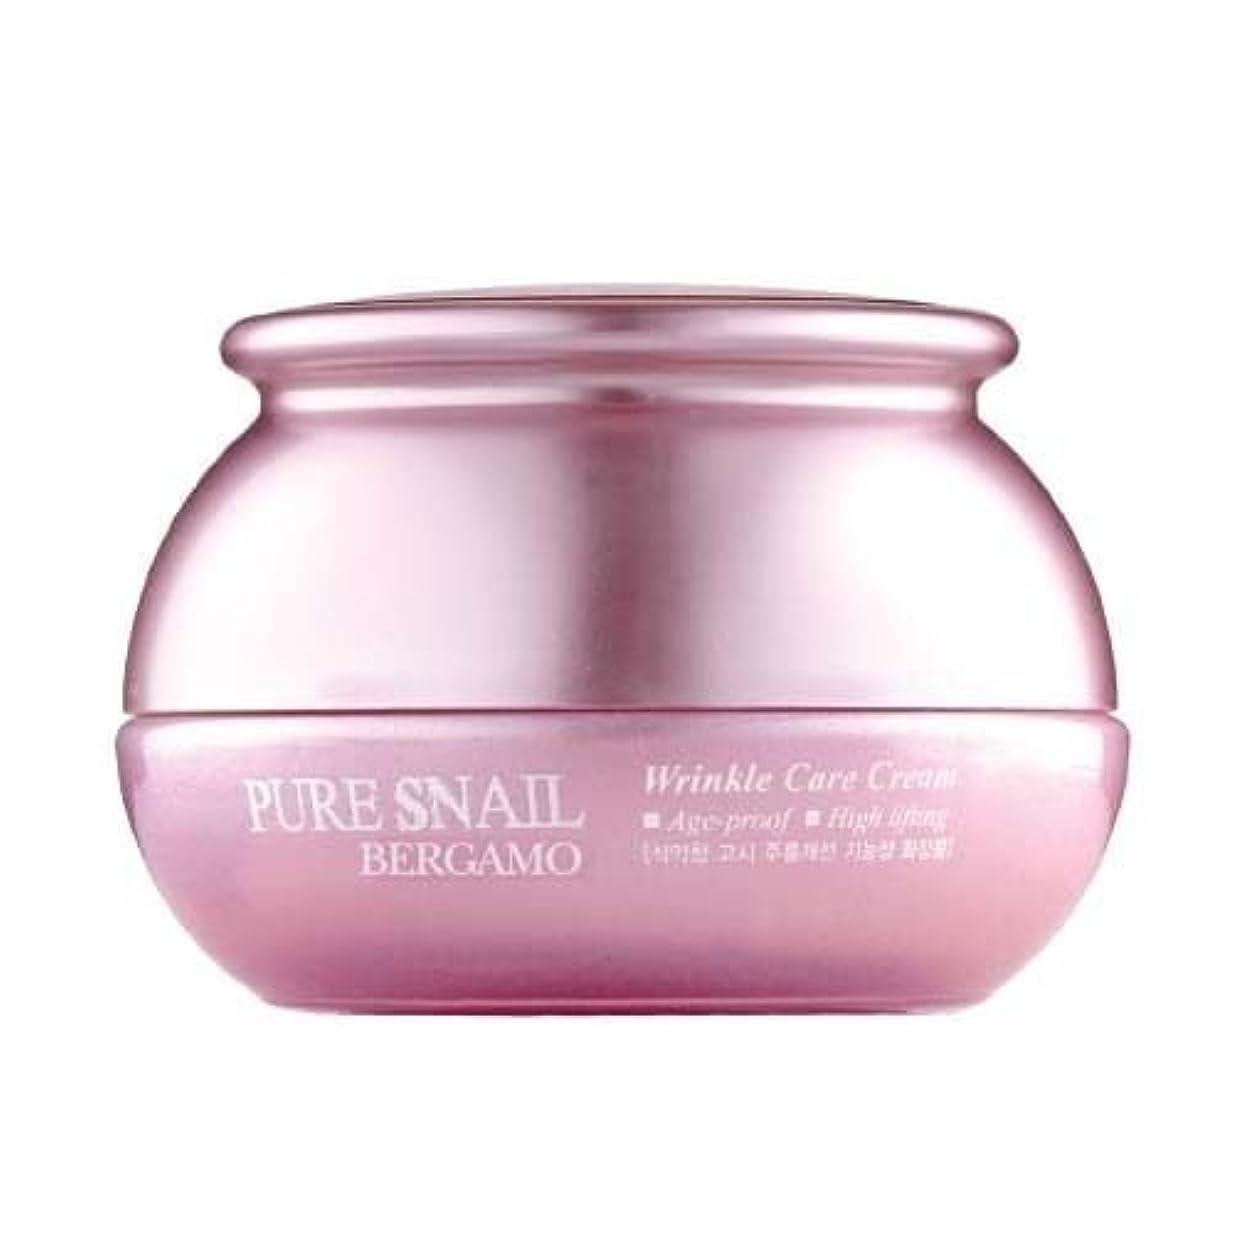 ロマンチック閃光栄光ベルガモ[韓国コスメBergamo]Pure Snail Wrinkle Care Cream カタツムリリンクルケアクリーム50ml しわ管理 [並行輸入品]